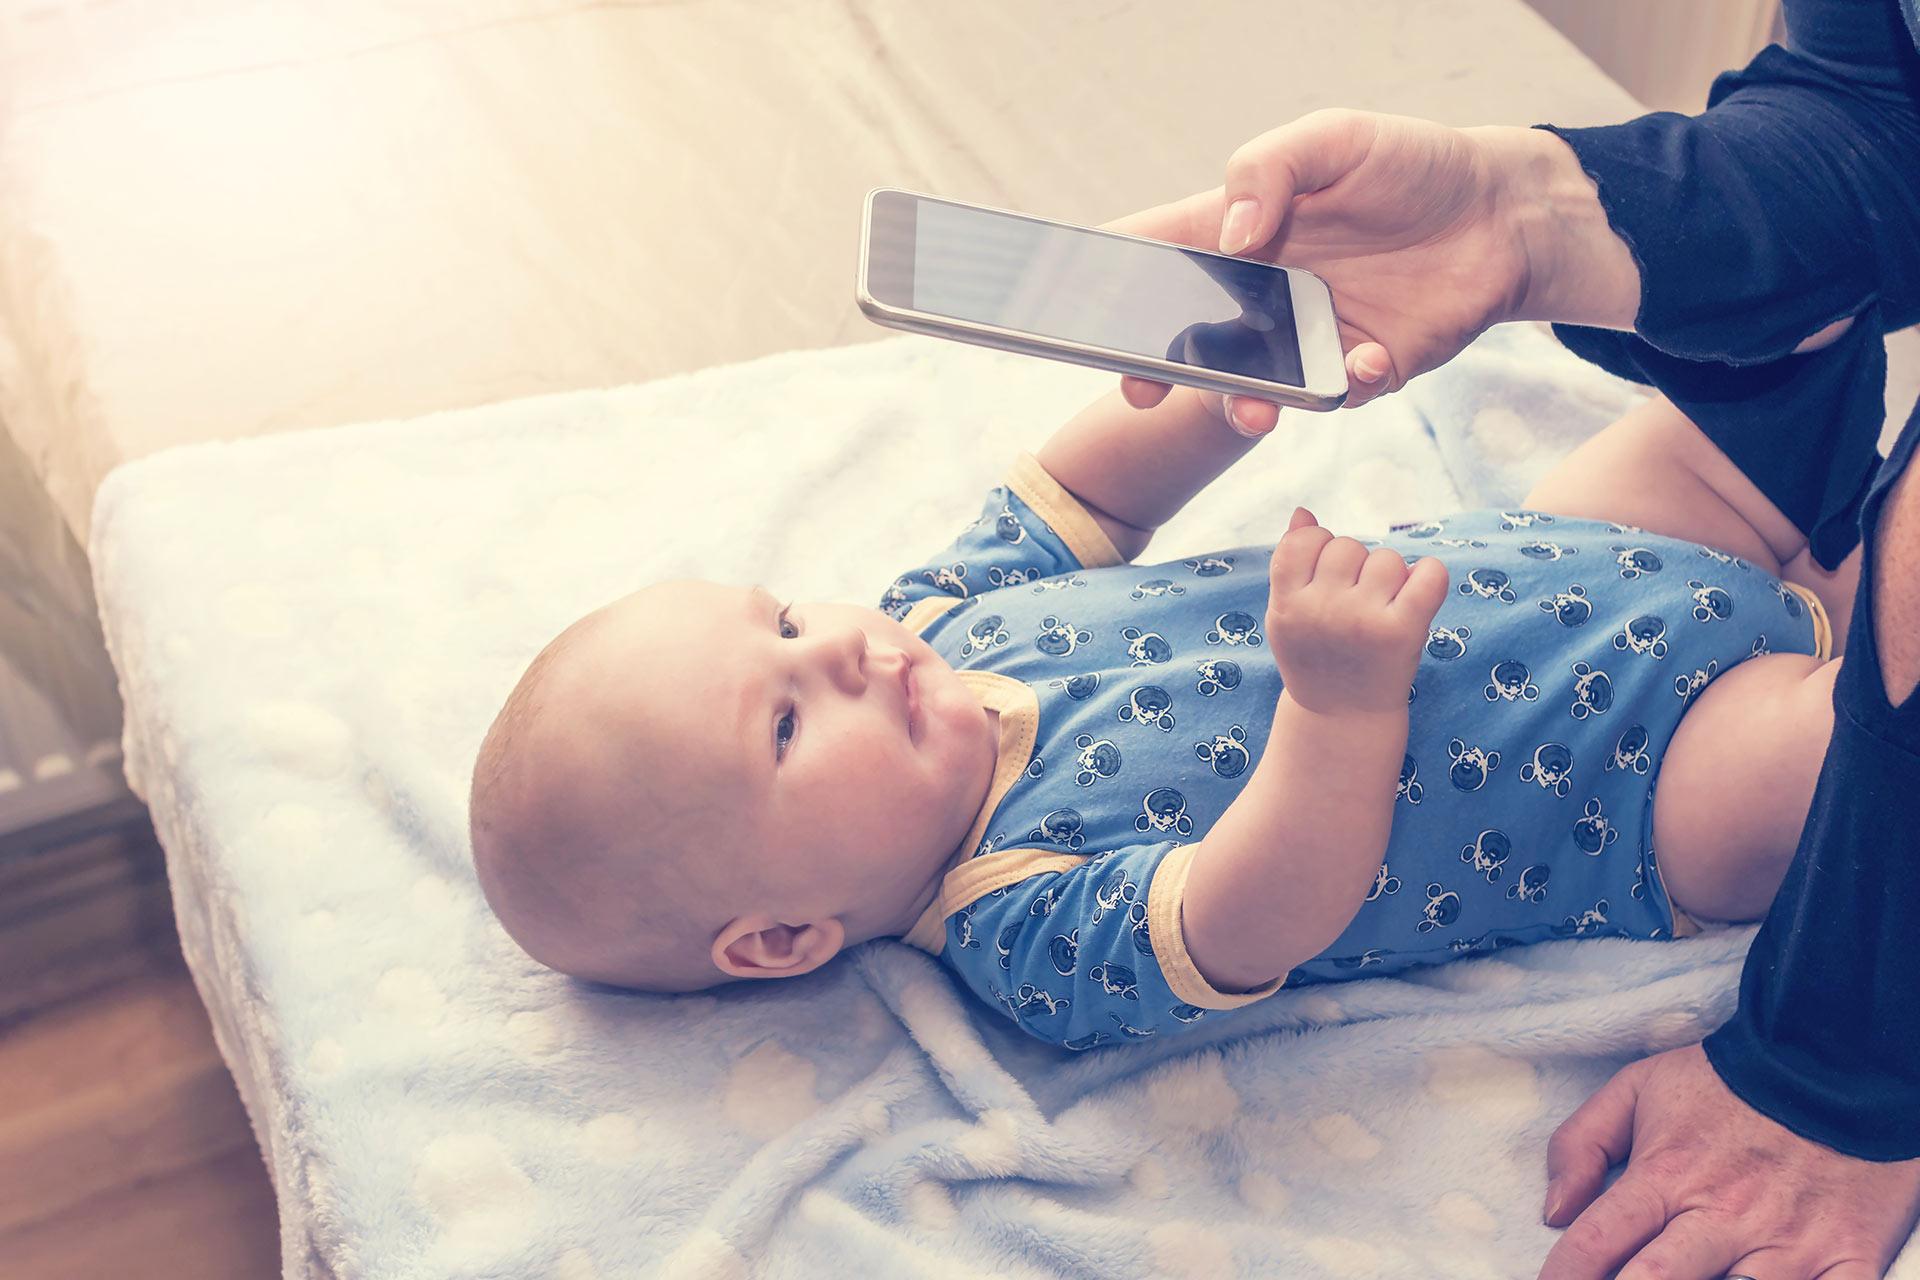 Rodzic robiący zdjęcie dziecku | agencja clue PR